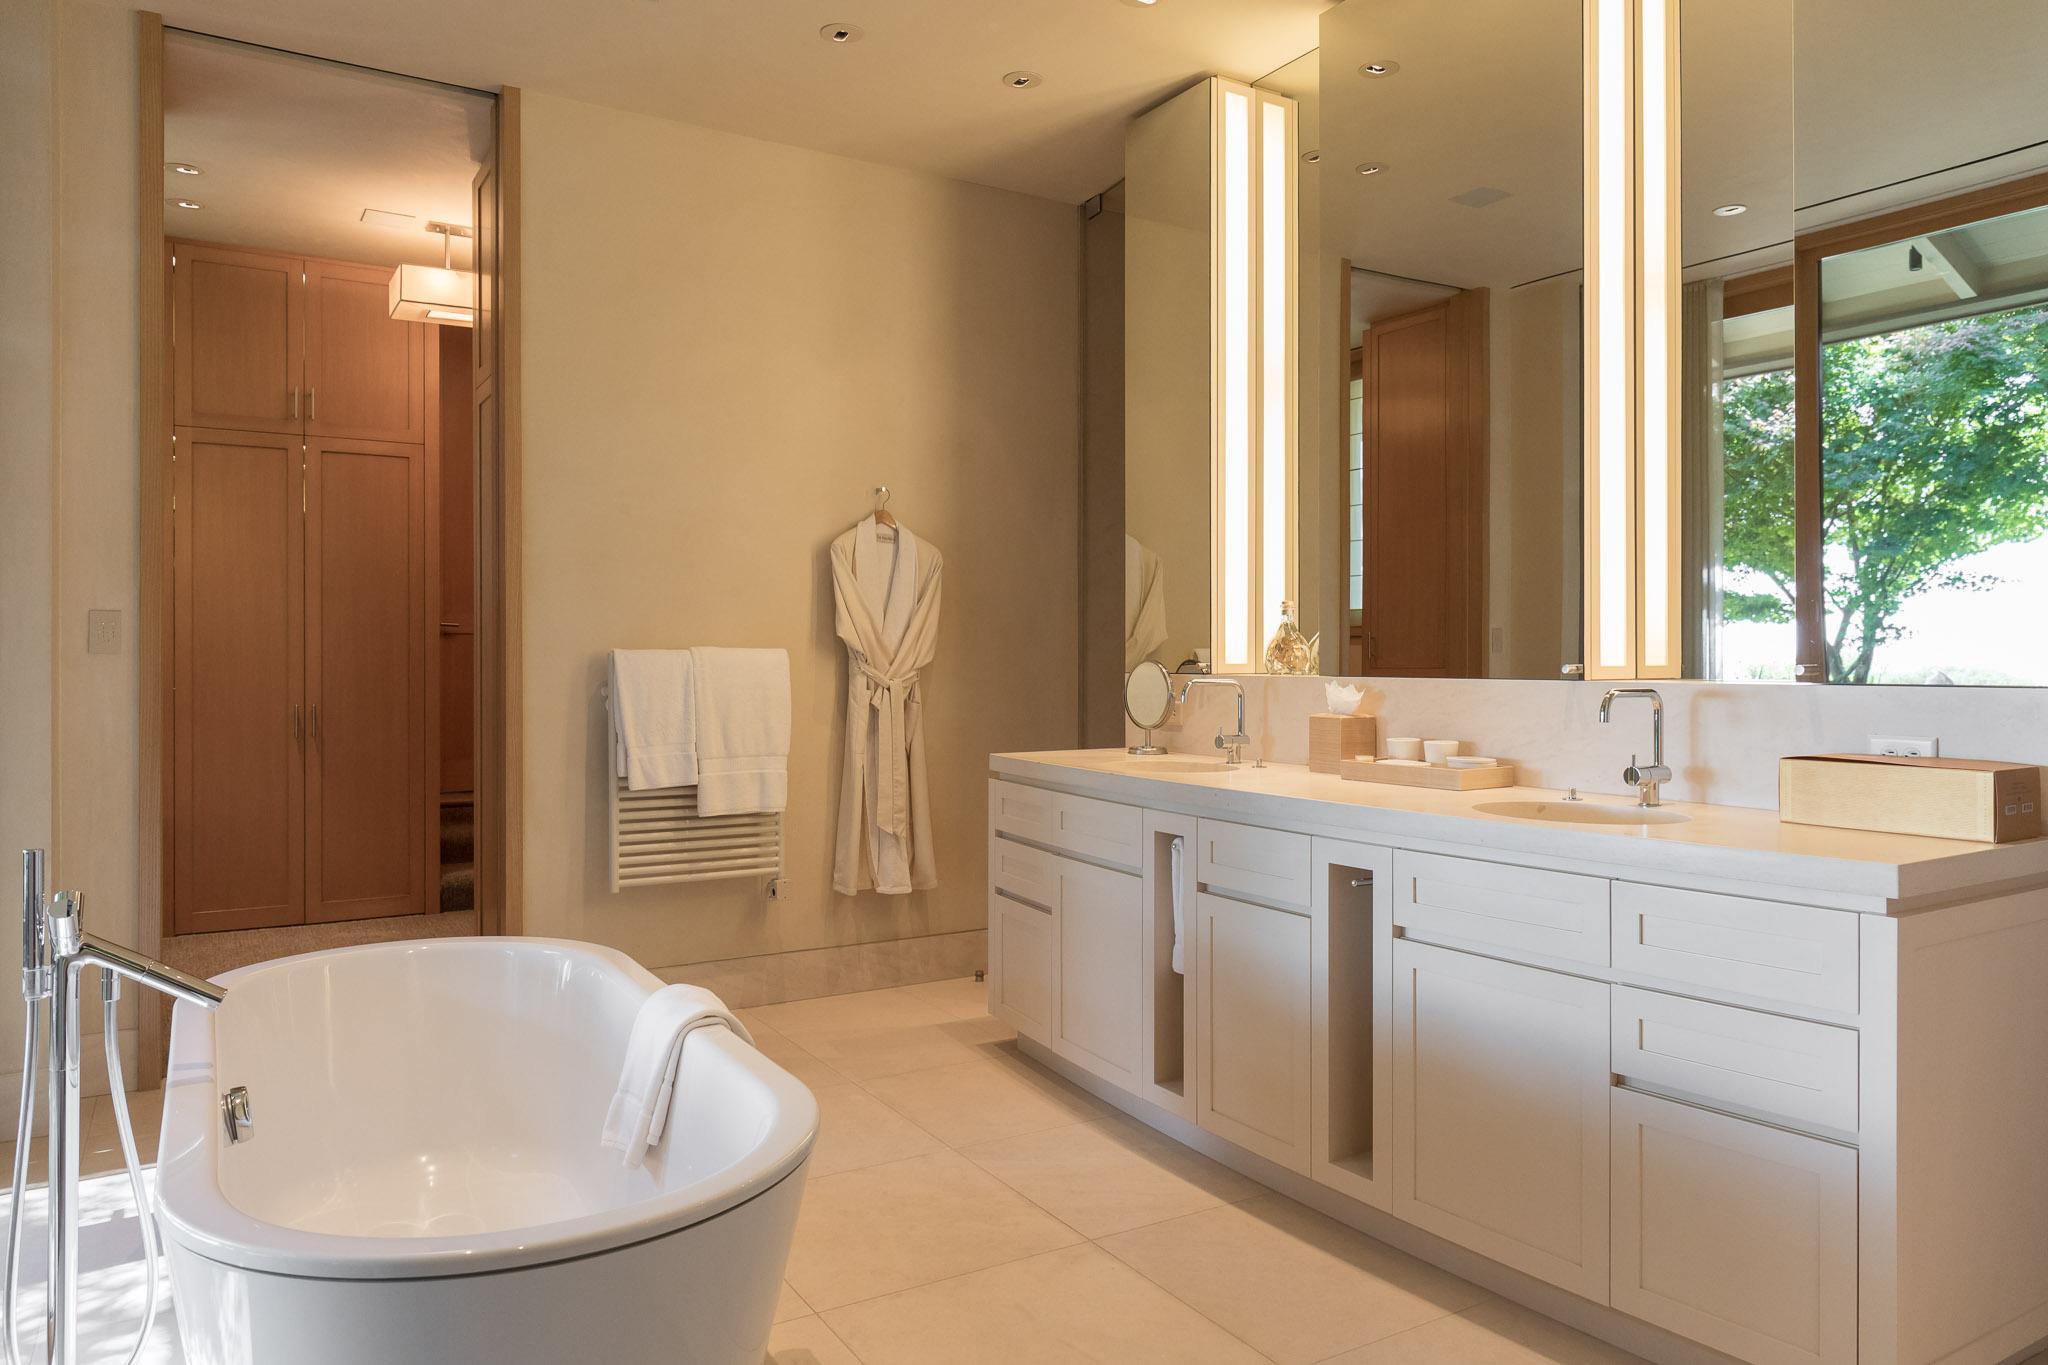 64-3163 Del Ciervo-Bathroom.jpg